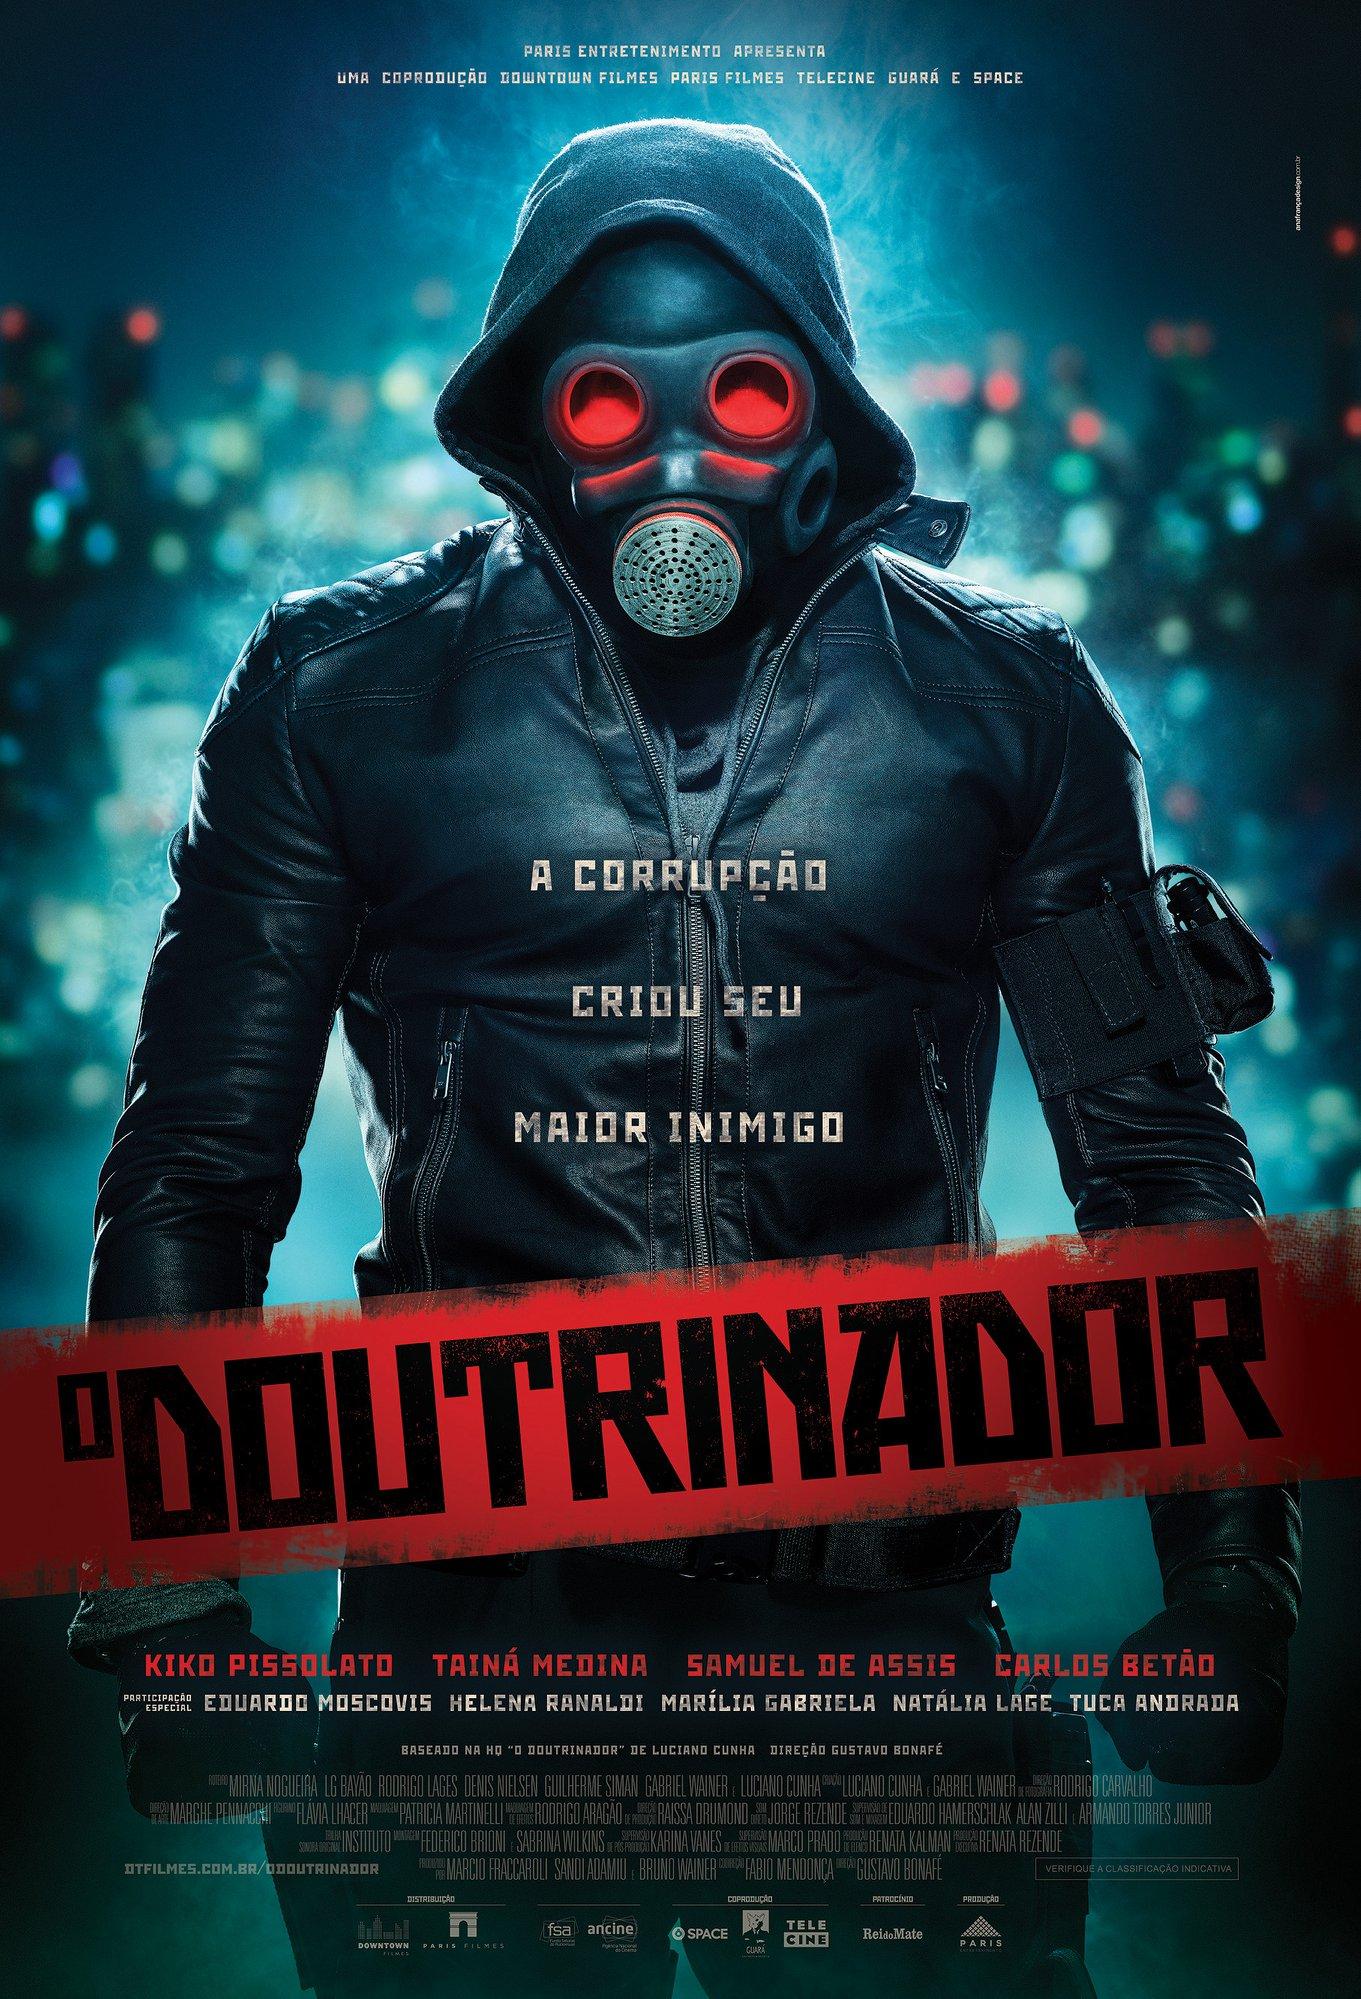 O Doutrinador [Nac] – IMDB 6.4